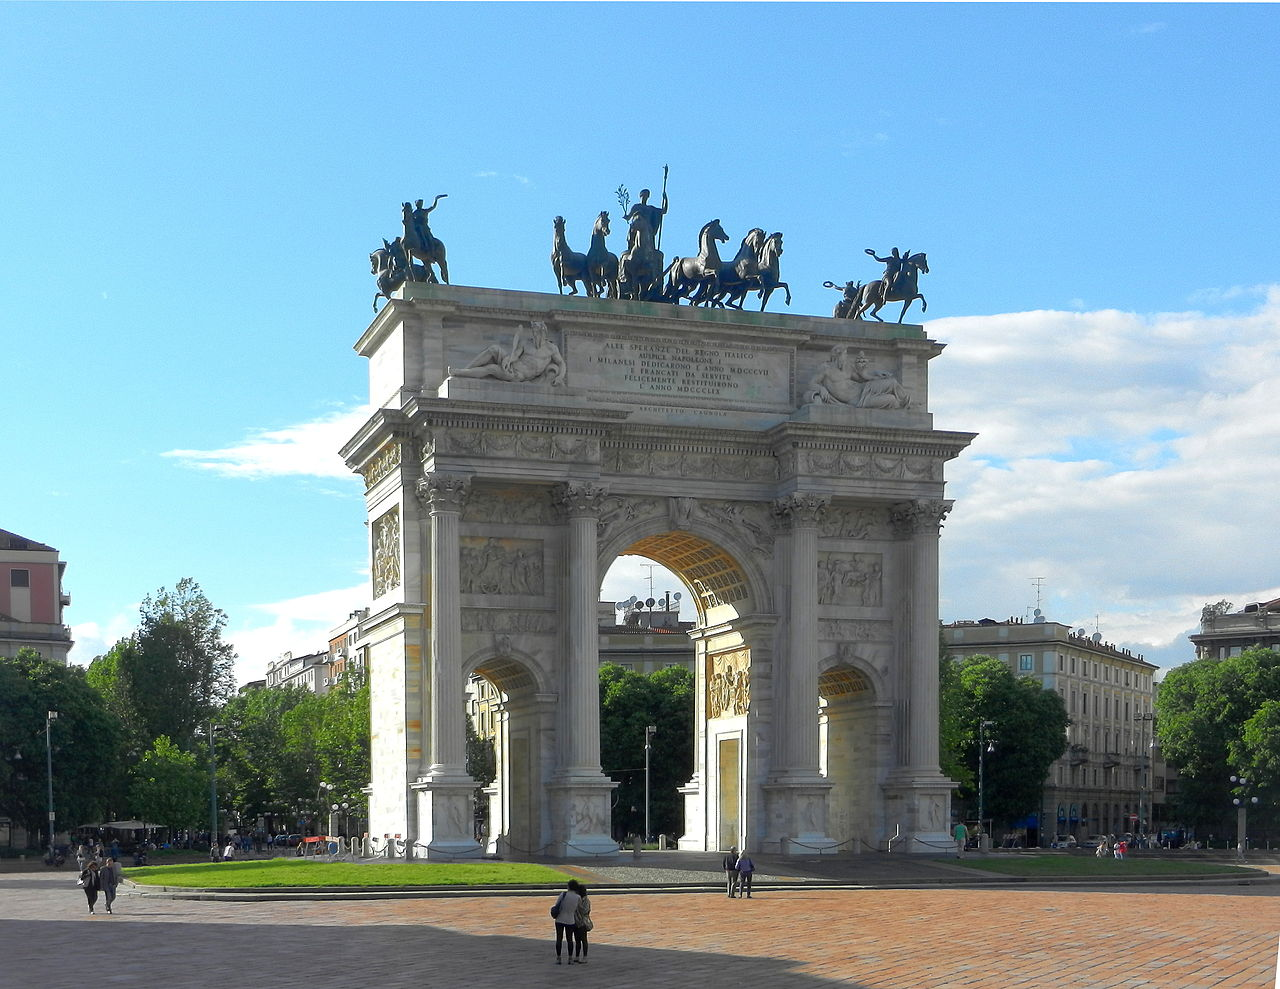 มิลาน-ประตูชัยเเบบฝรั่งเศส